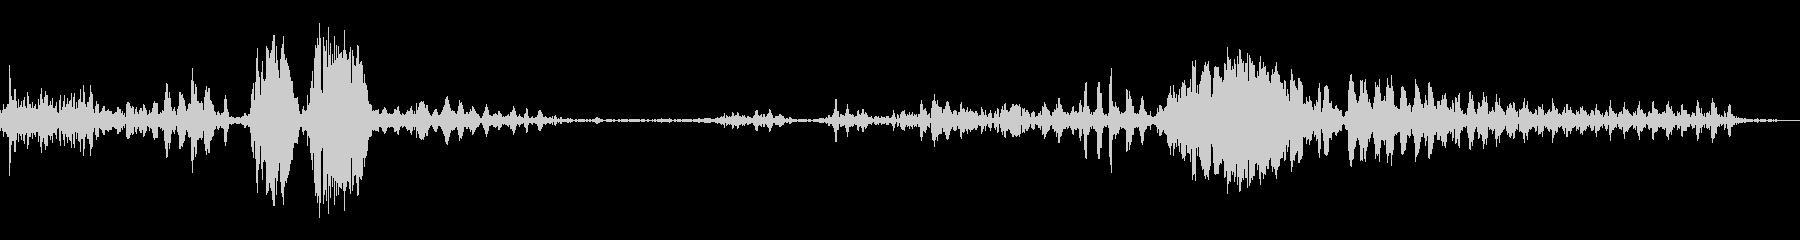 ロービーストグロール;ヴィンテージ...の未再生の波形